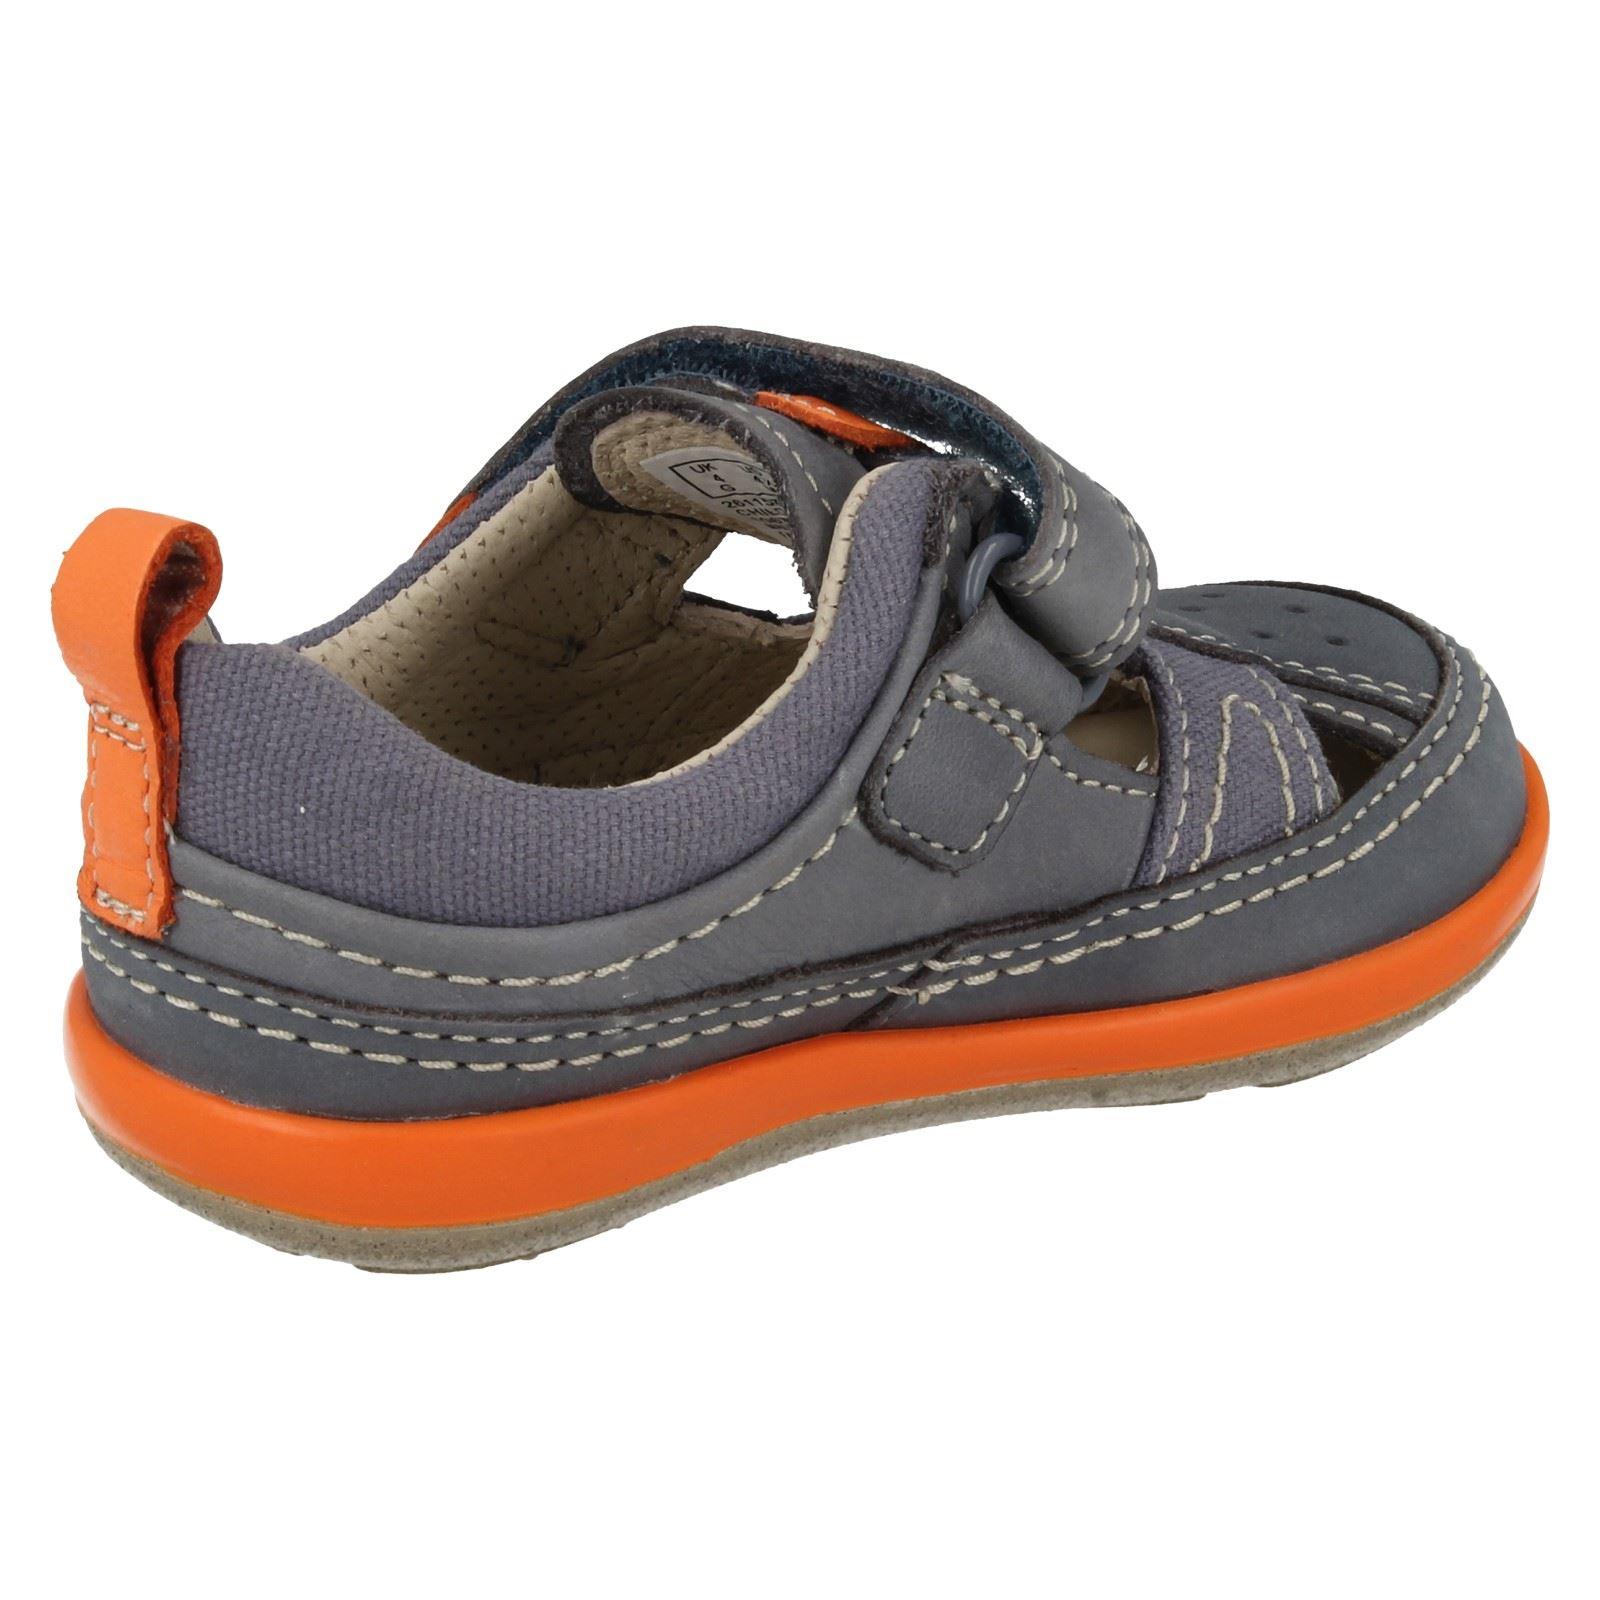 95a3bef5ec4fb6 Boys-Clarks-Closed-Toe-Sandals-039-Softly-Luke-